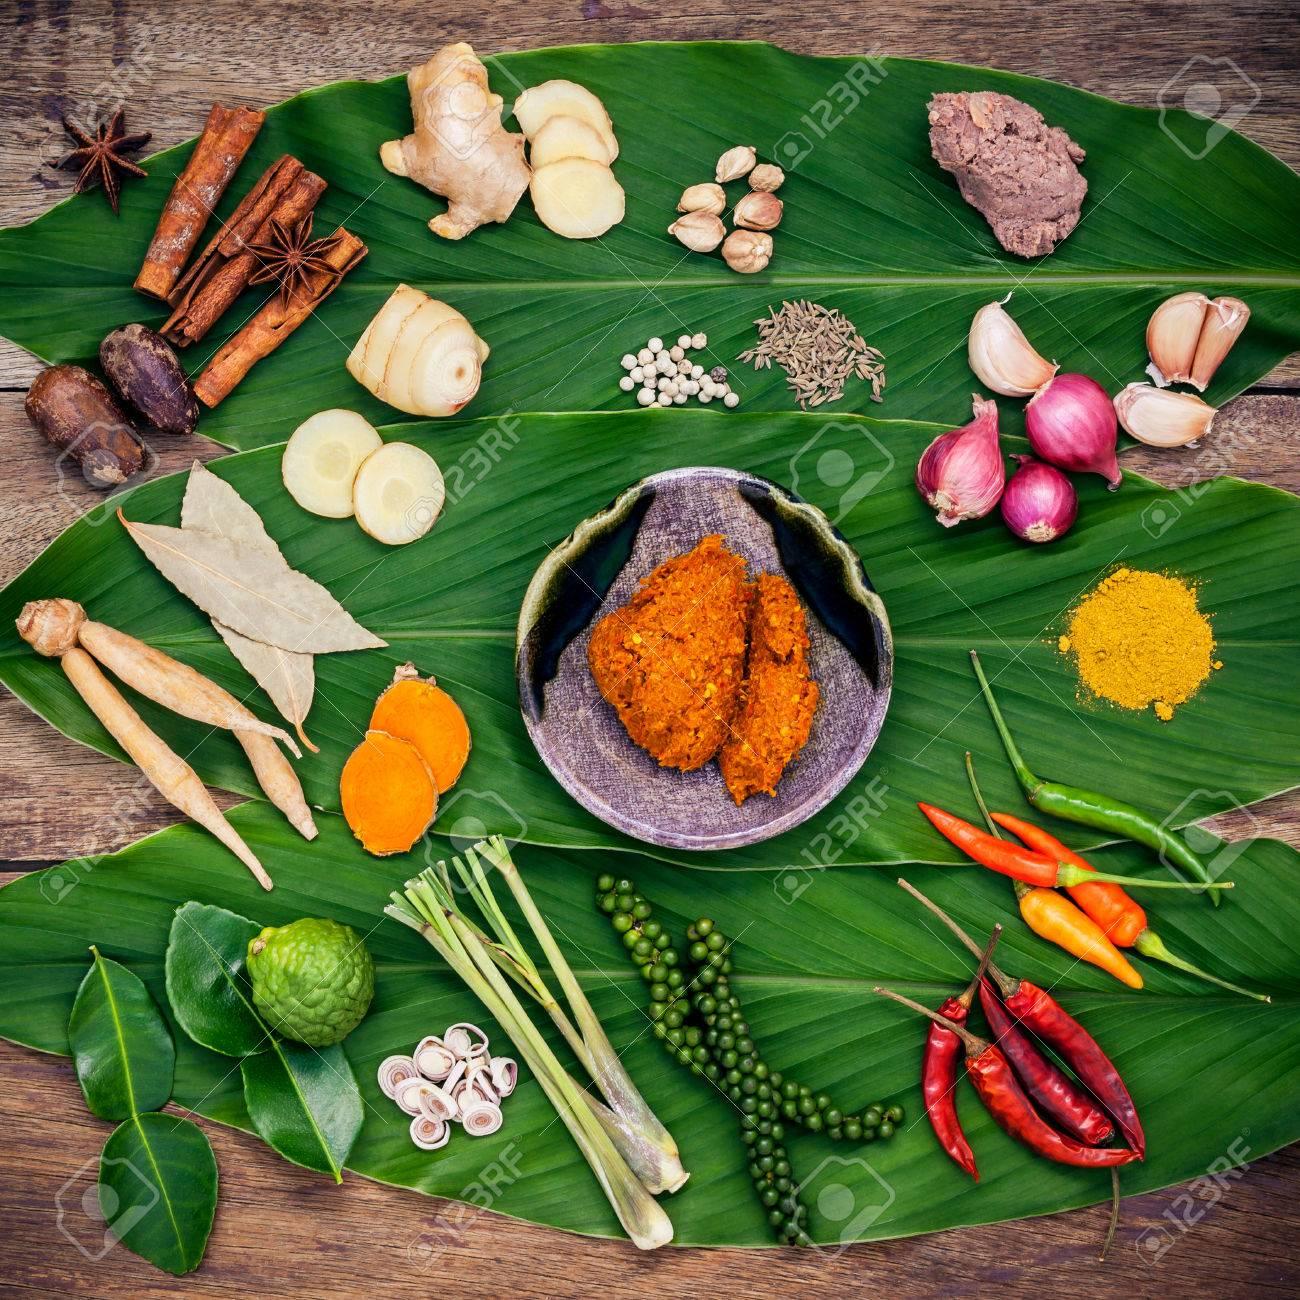 Verschiedene thailändische Lebensmittel Kochen Zutaten und Gewürz rot  Curry-Paste Zutat der Thai beliebtes Essen auf Gelbwurz-Blatt-Hintergrund.